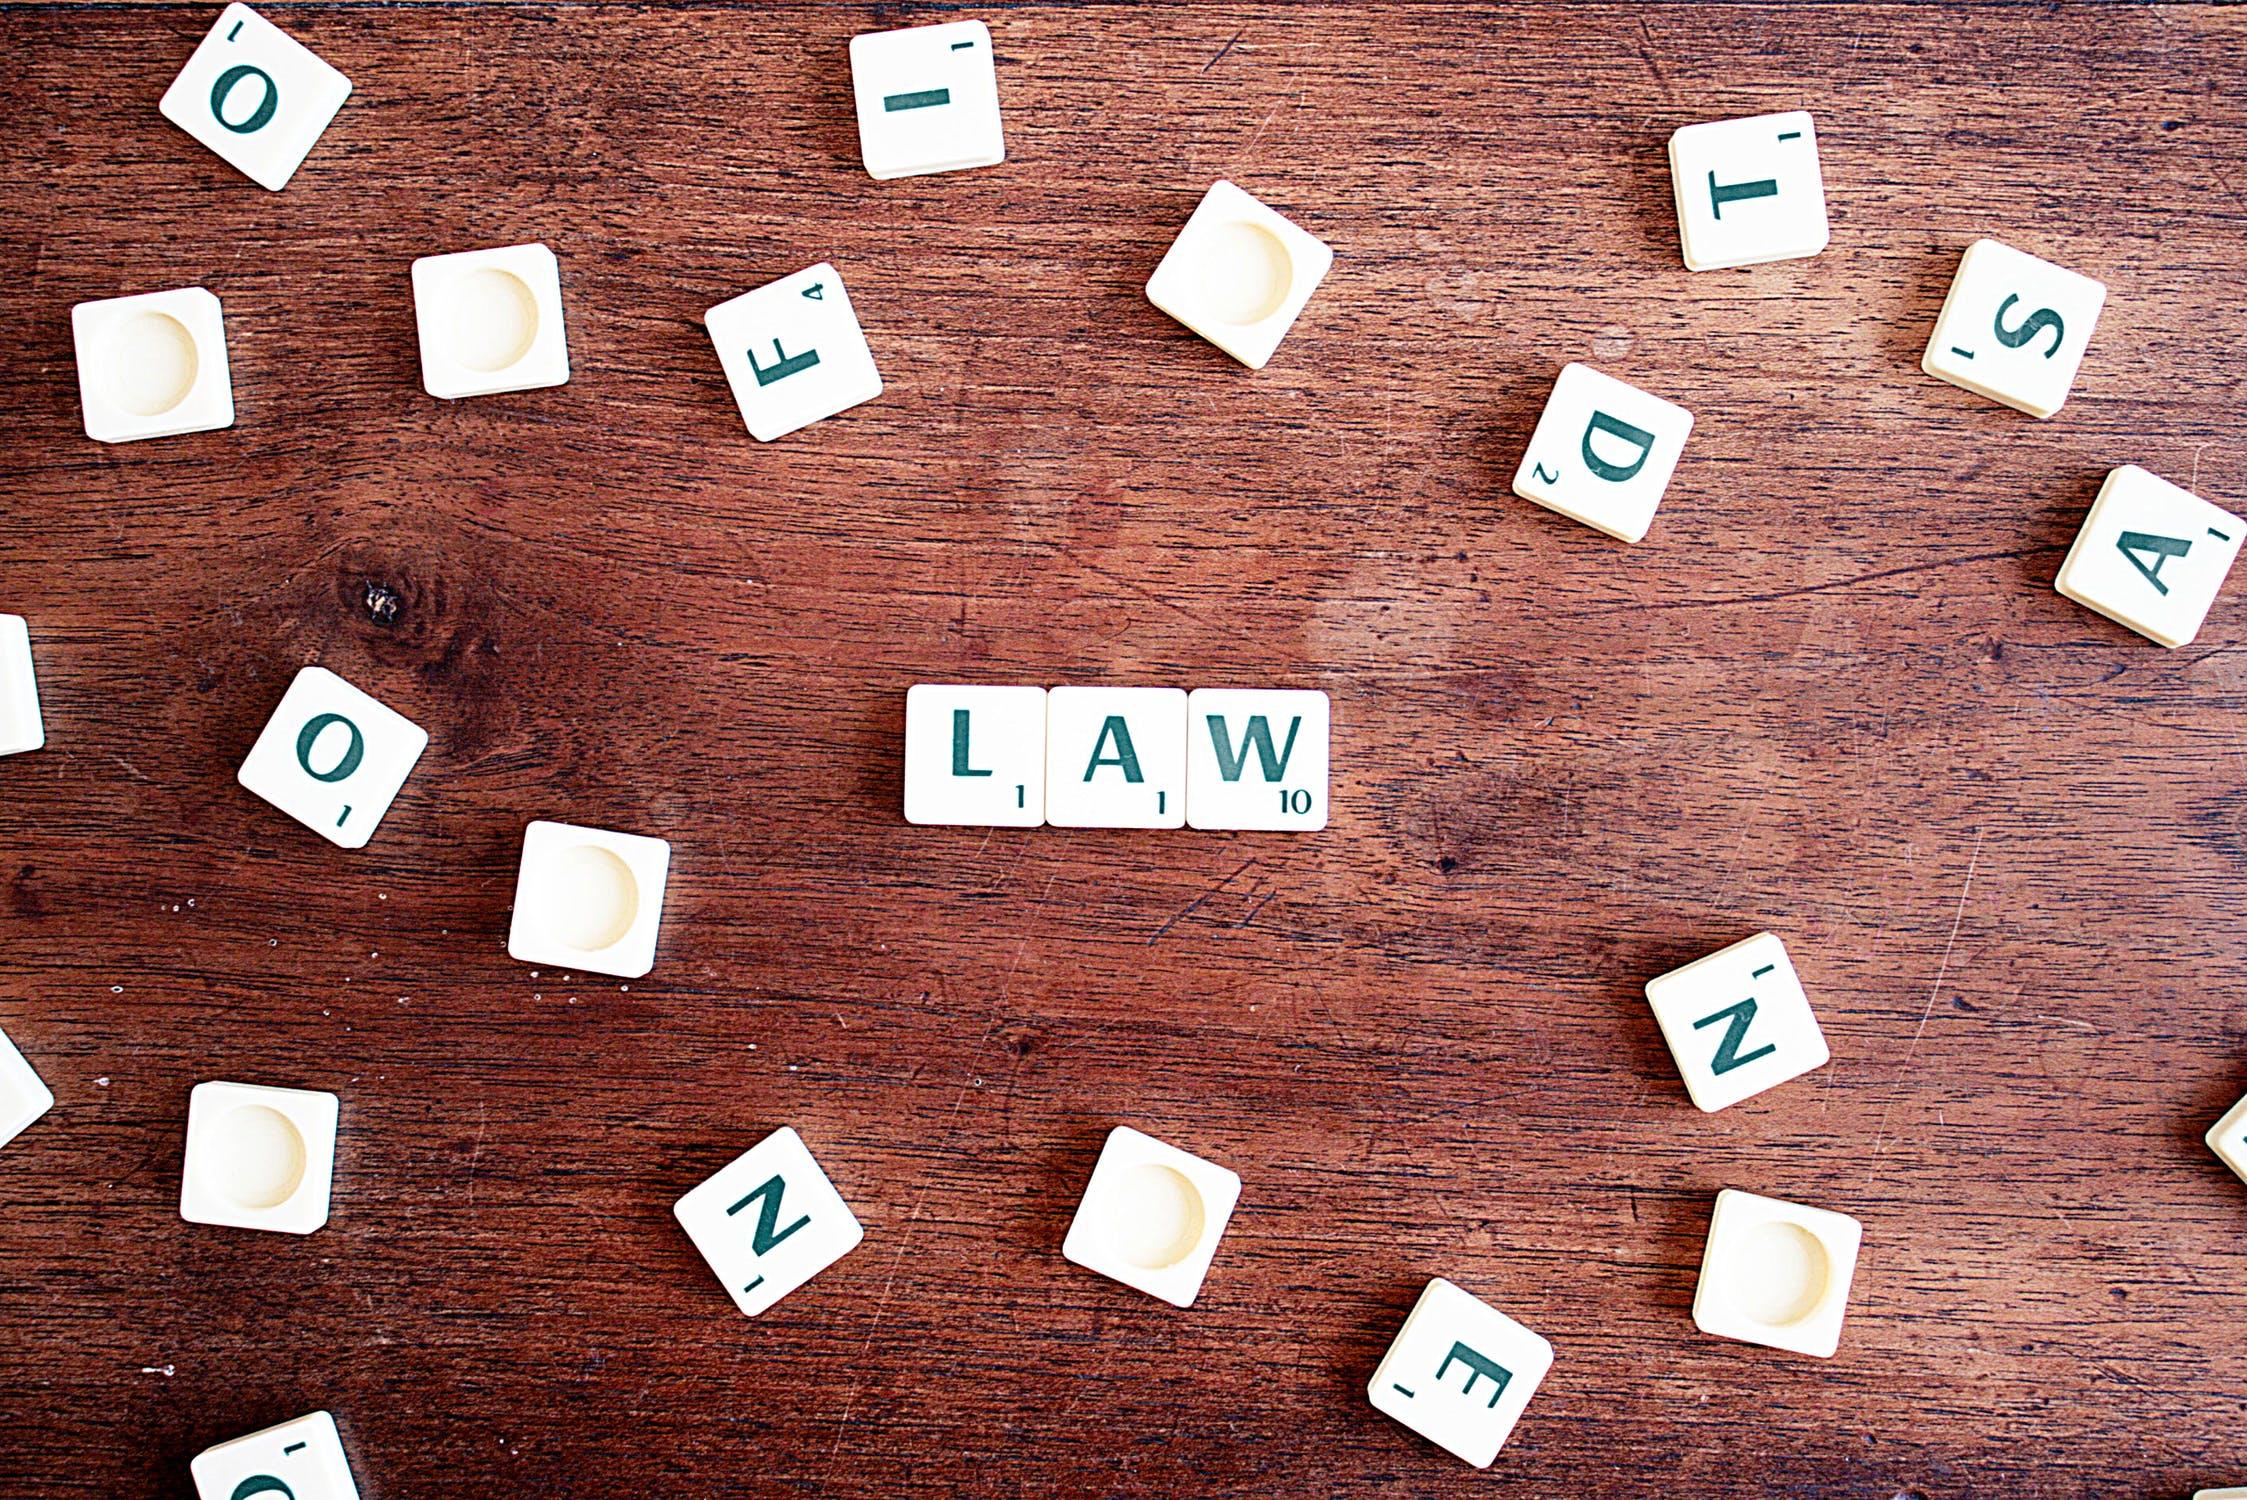 career change law melissajavan